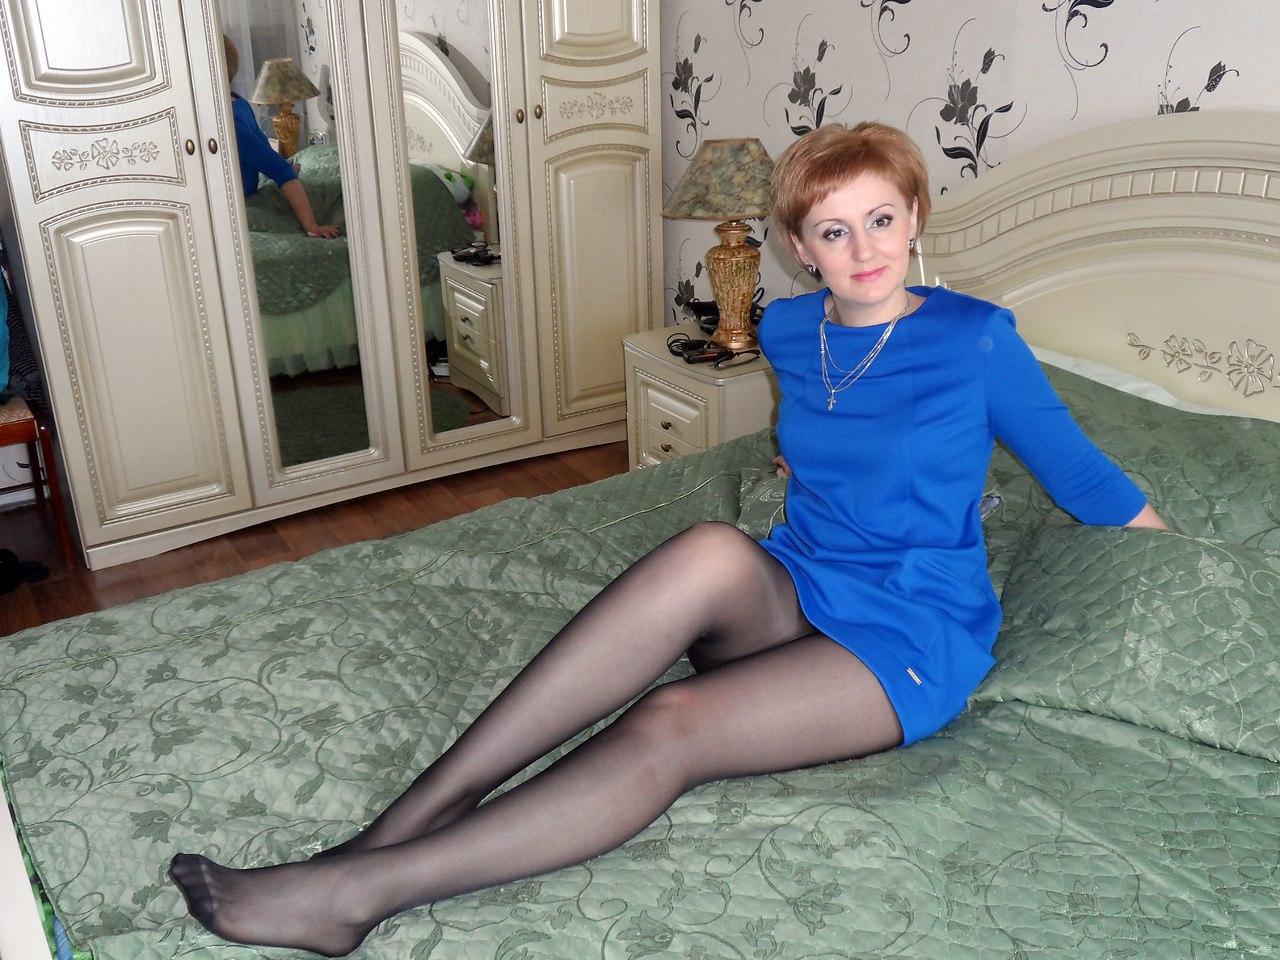 domashnie-foto-zrelih-zhenshin-v-kolgotkah-v-kontakte